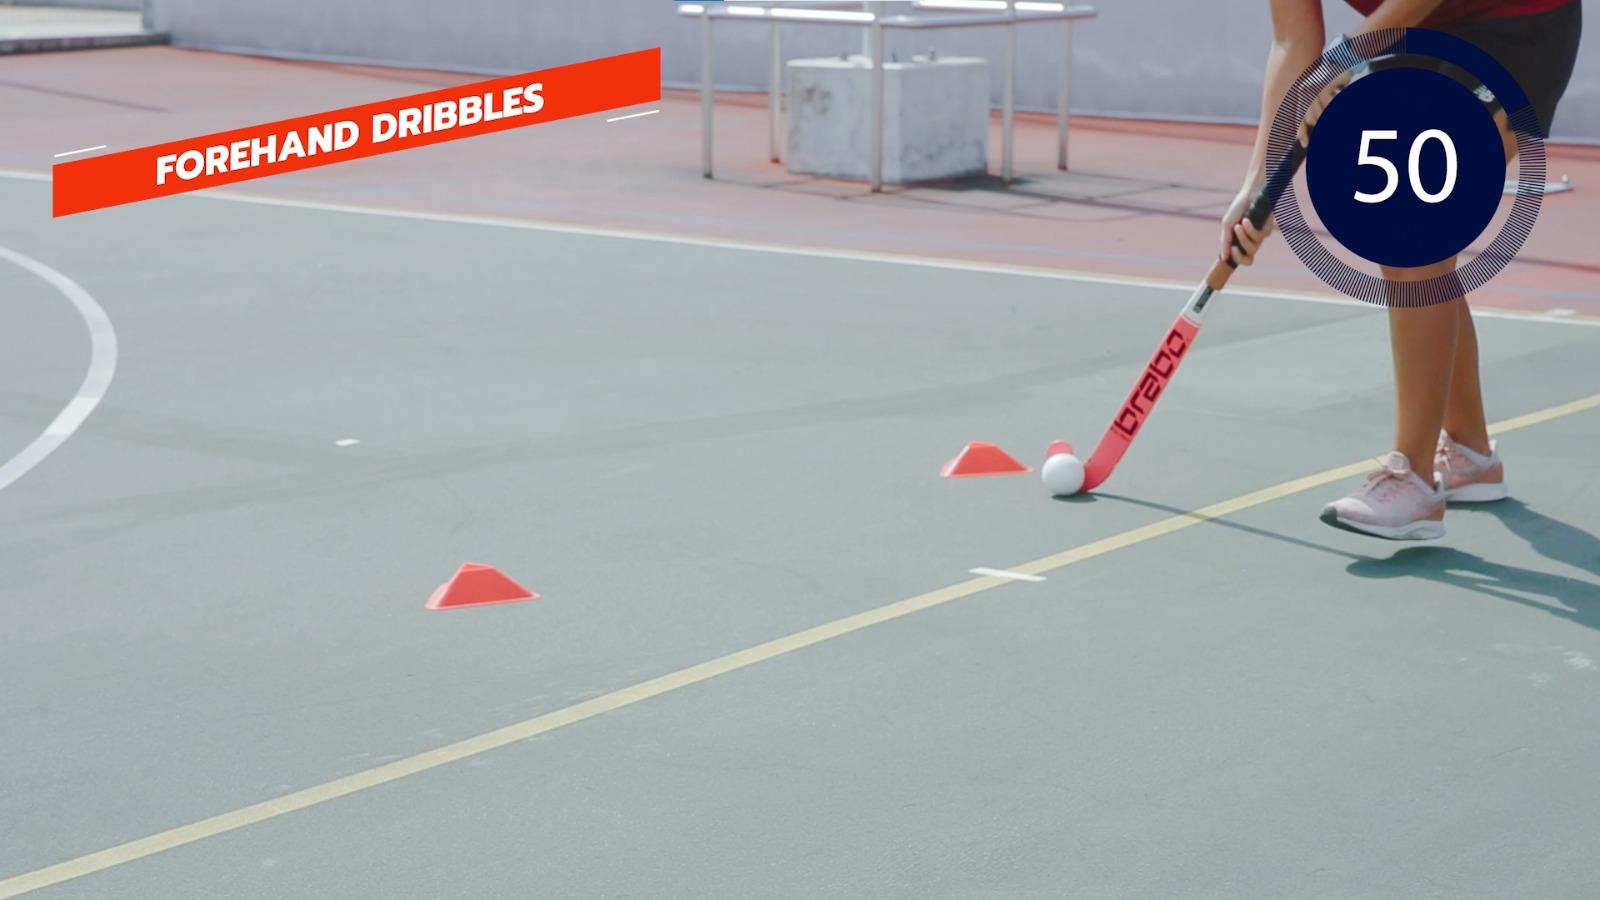 hockey forehand dribbles